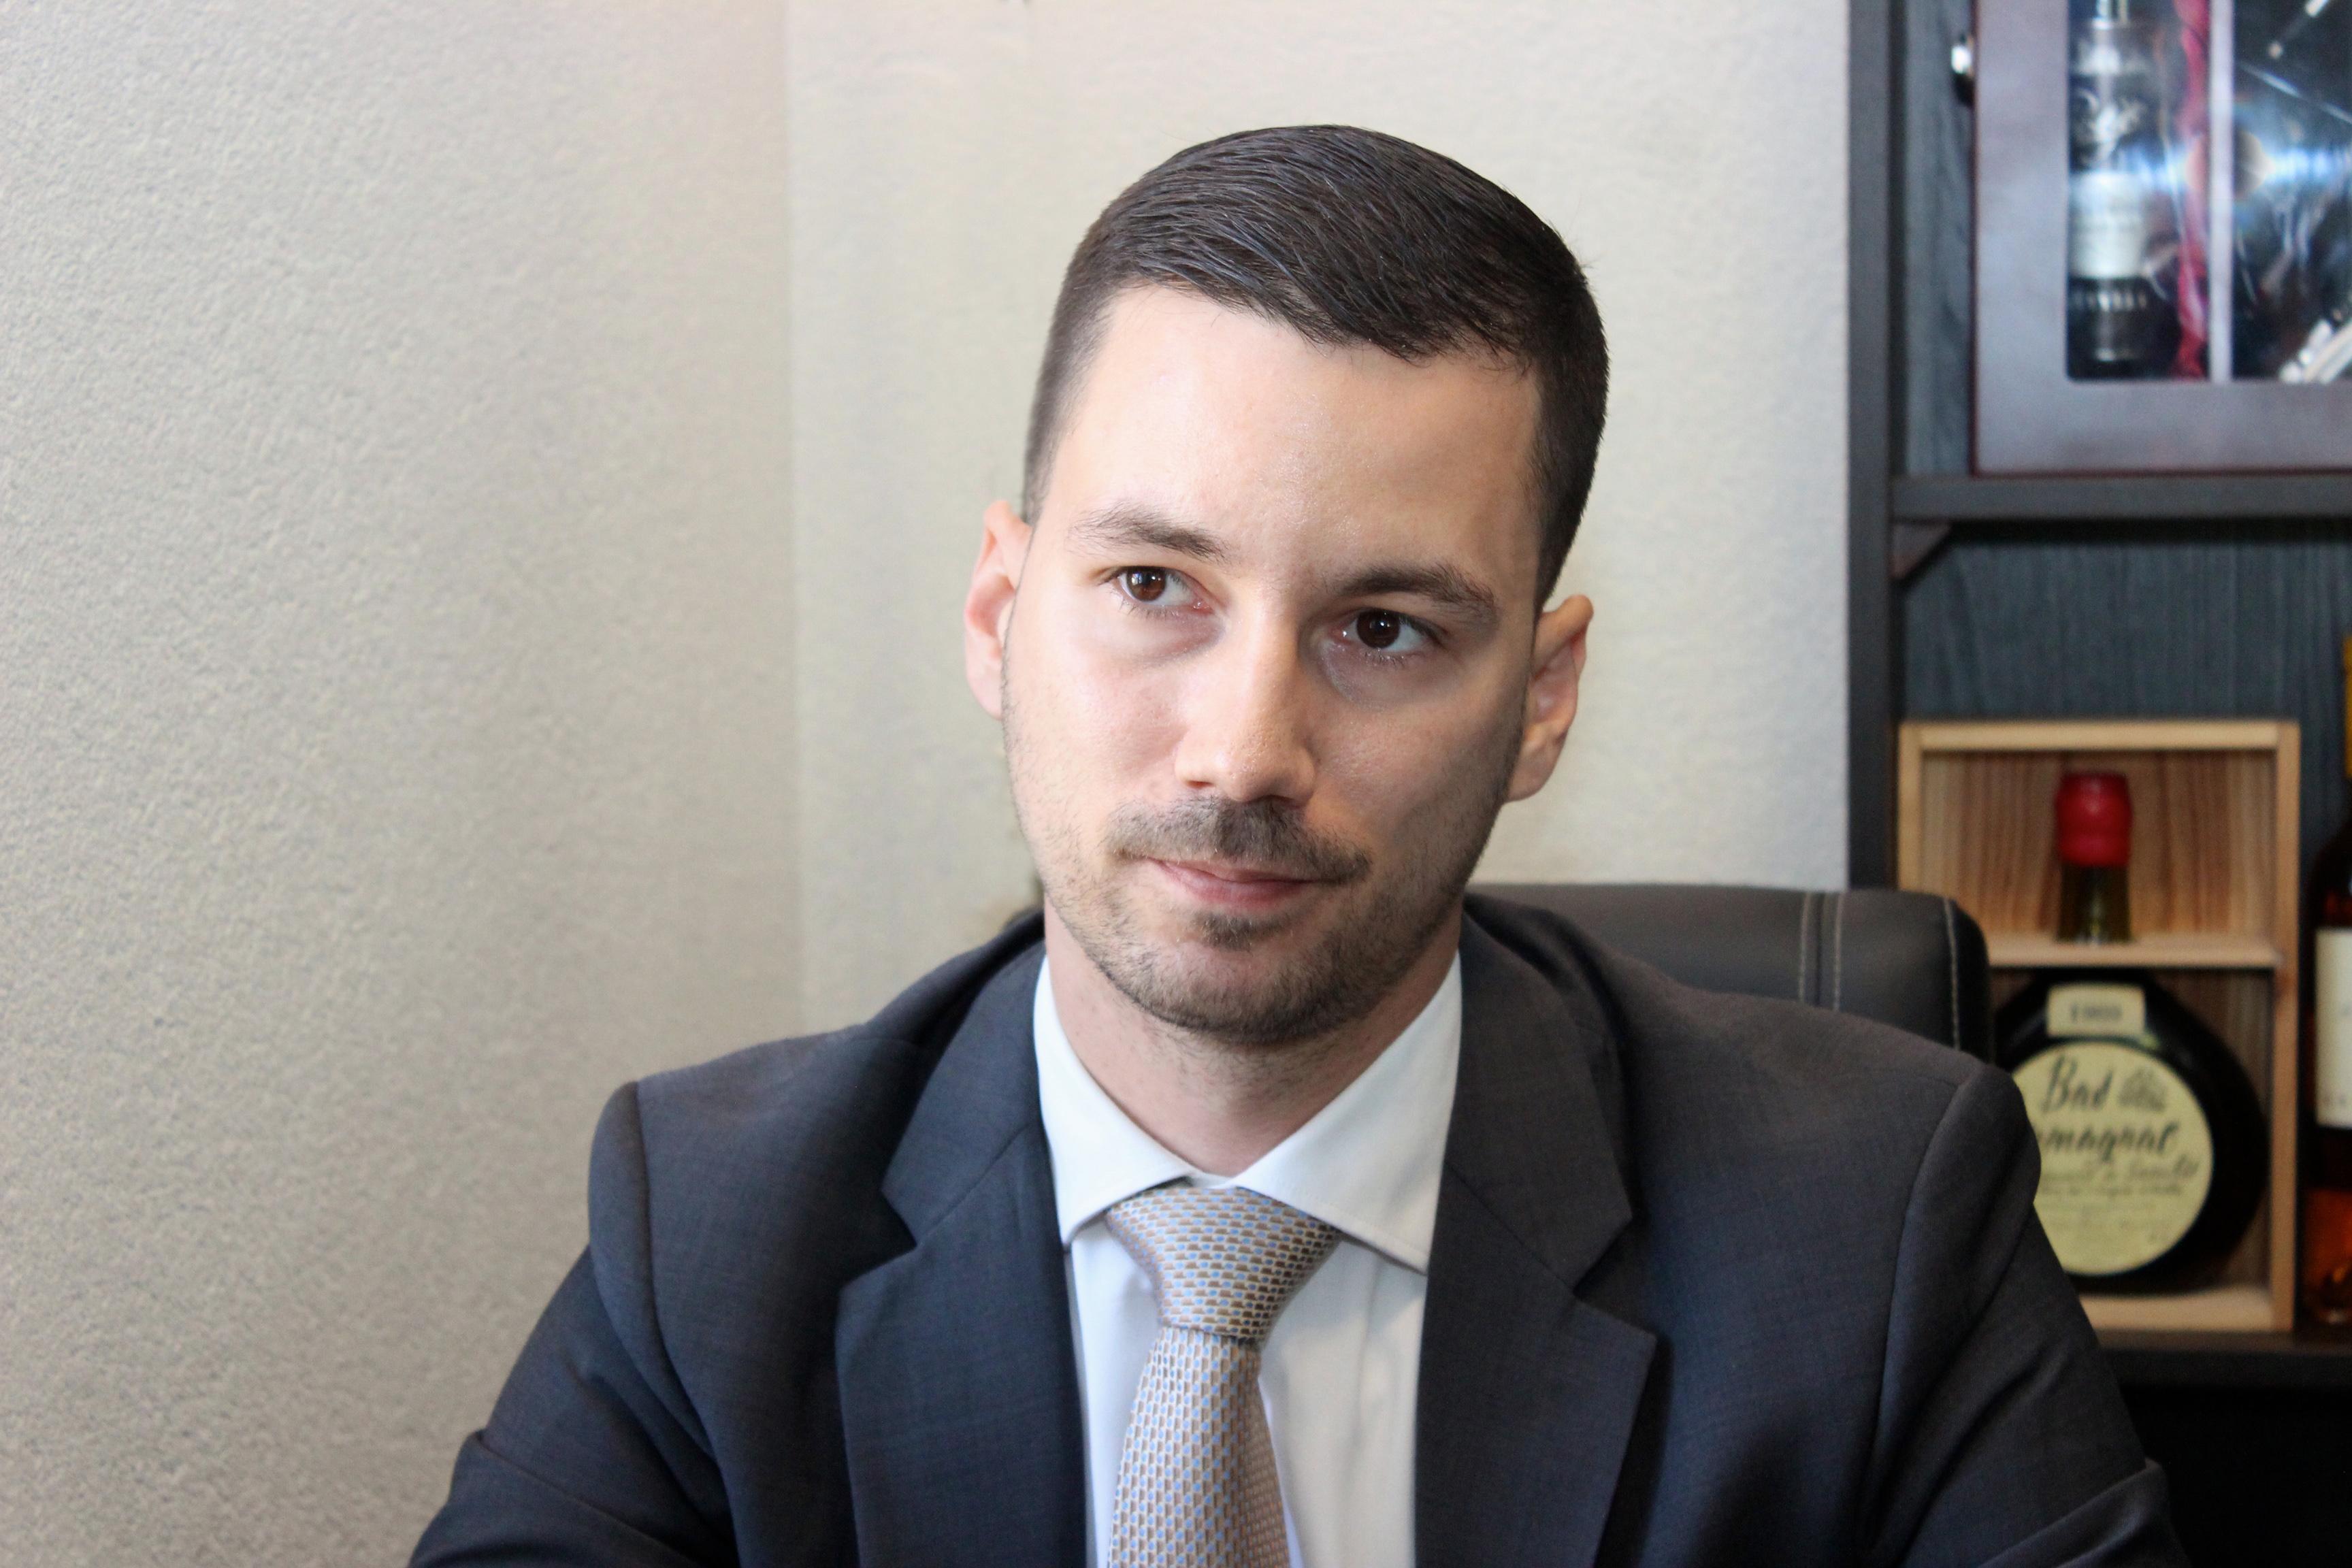 Foto: Michael Kolimárová